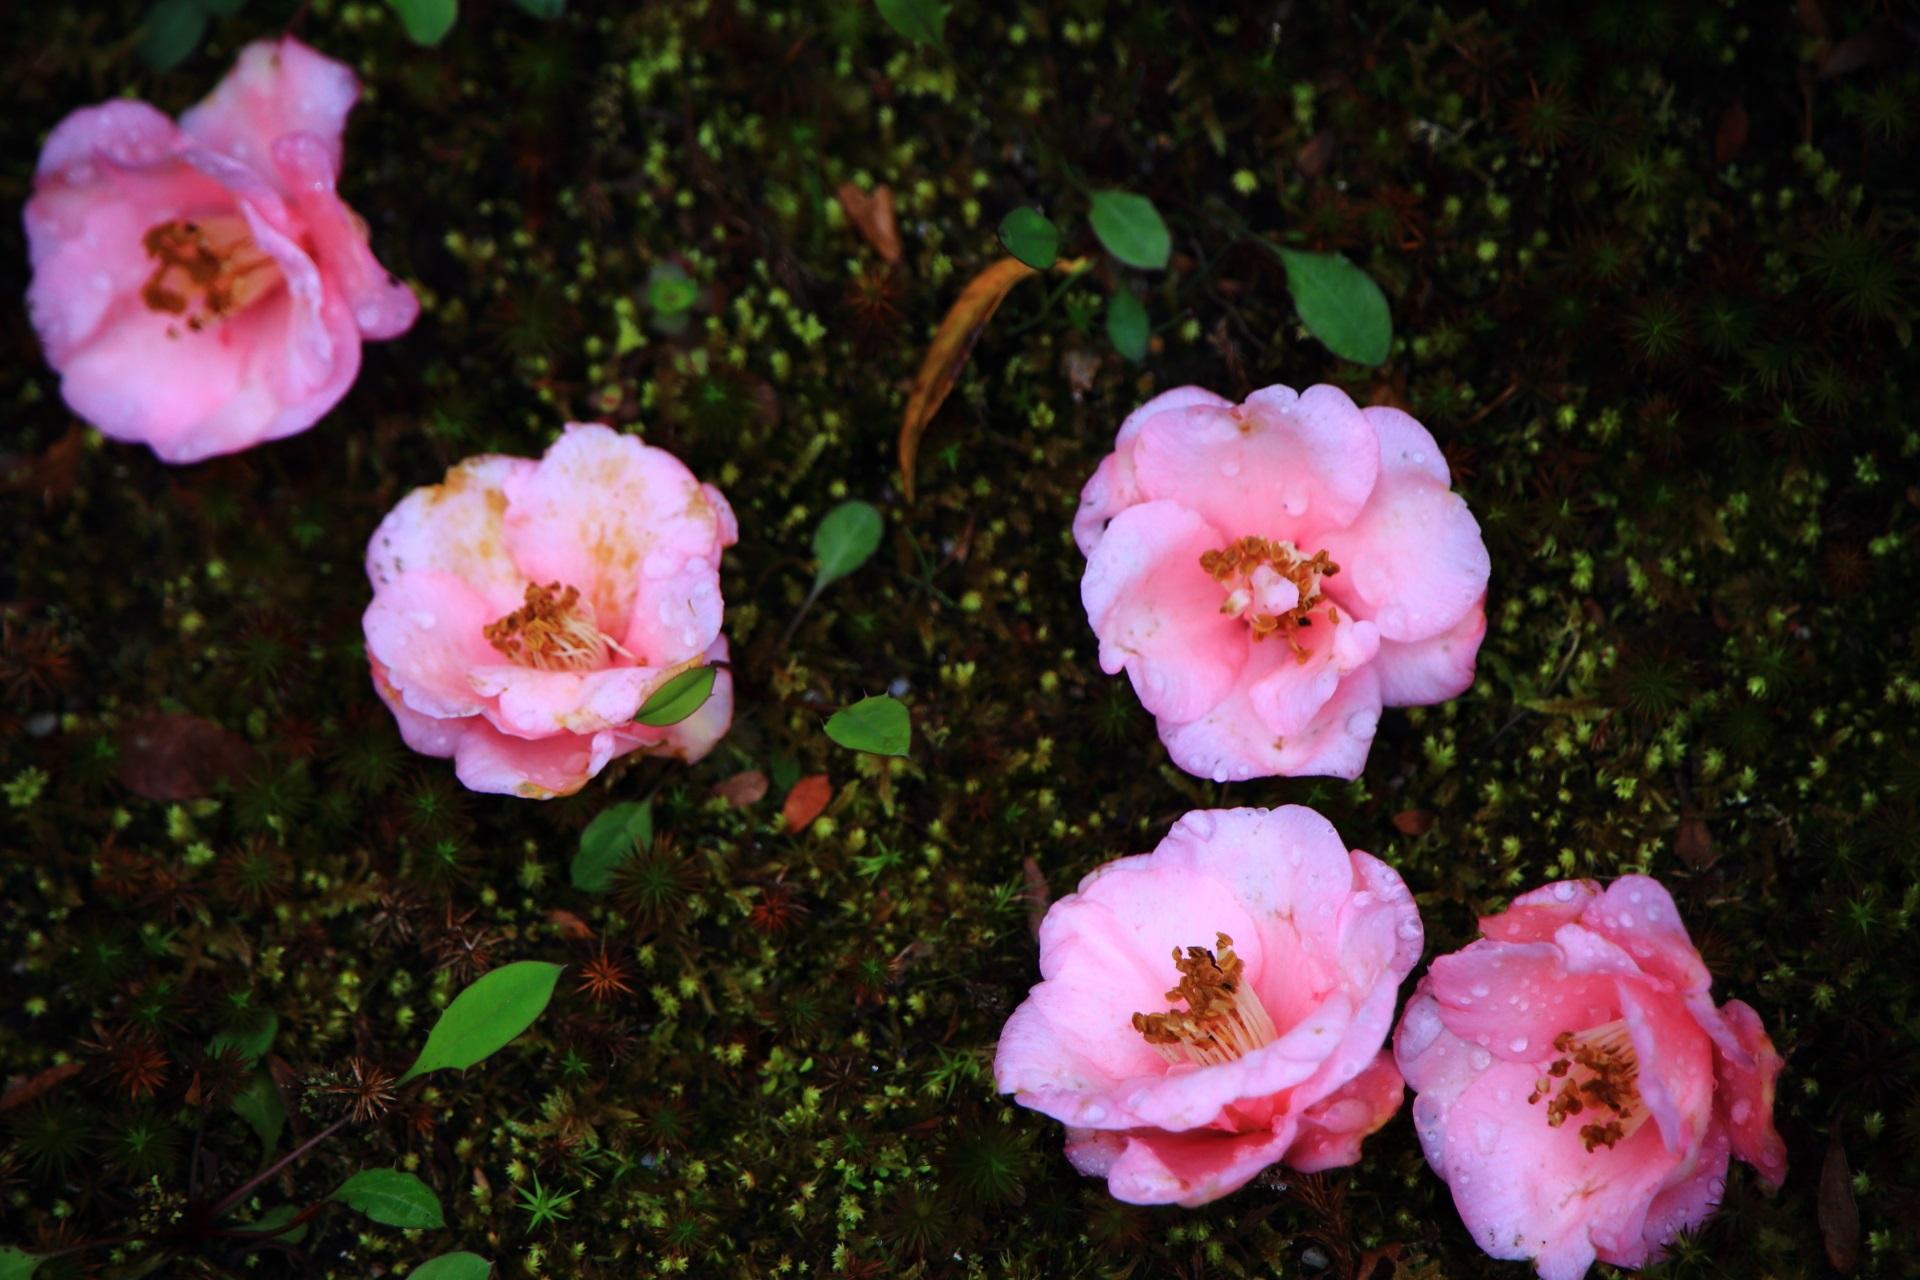 深い緑の苔を華やかな春色に彩る散椿